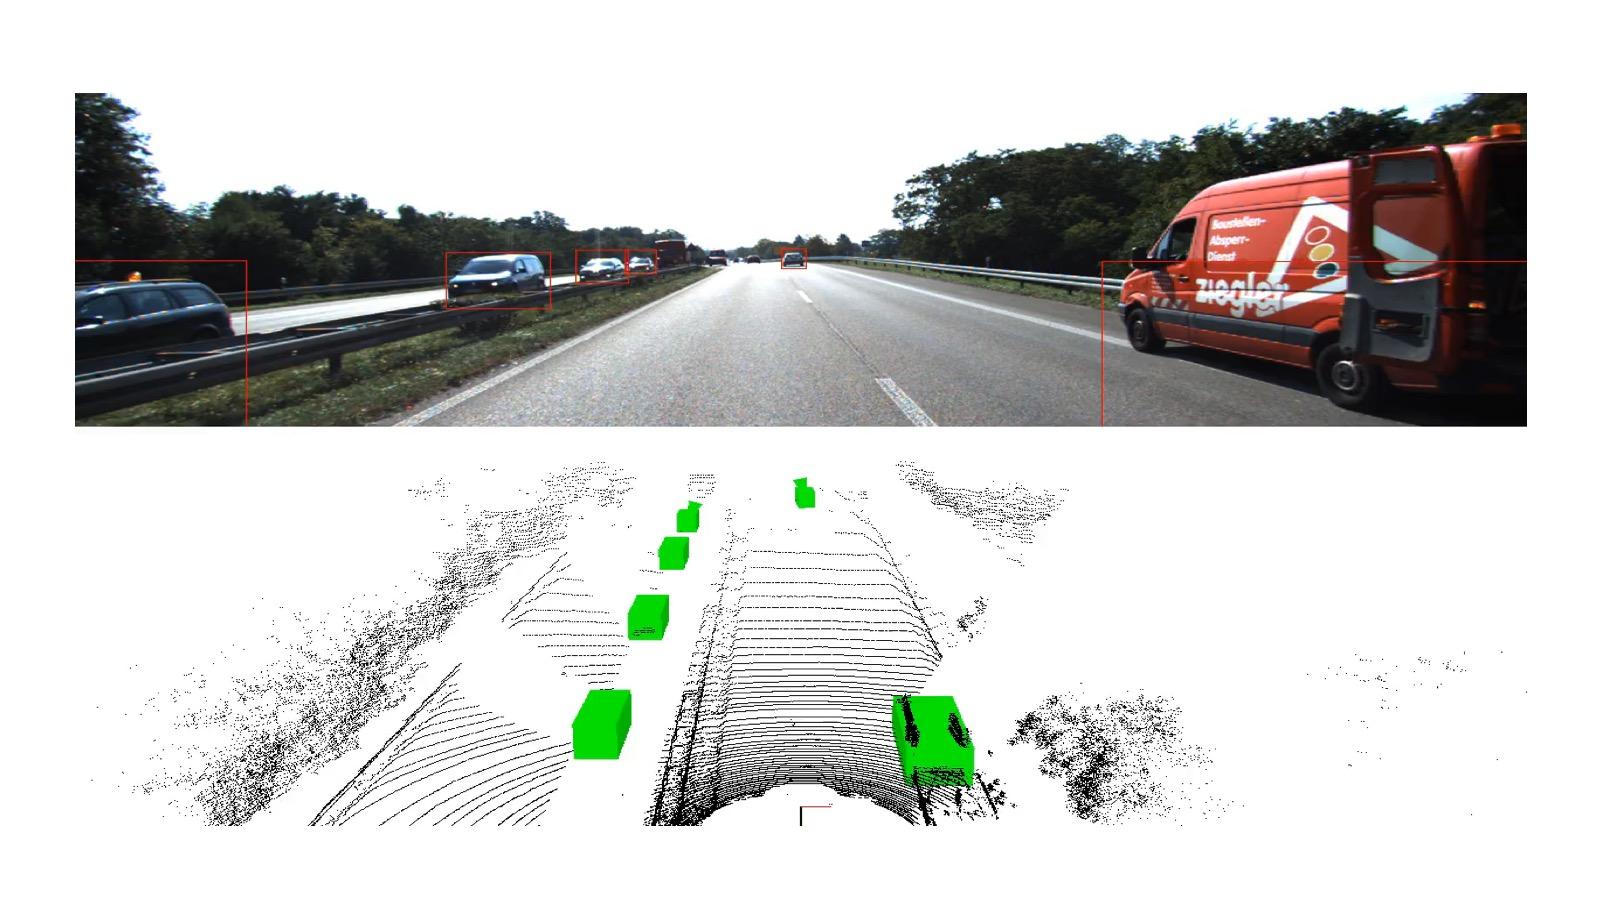 Технологии беспилотных автомобилей. Лекция Яндекса - 18